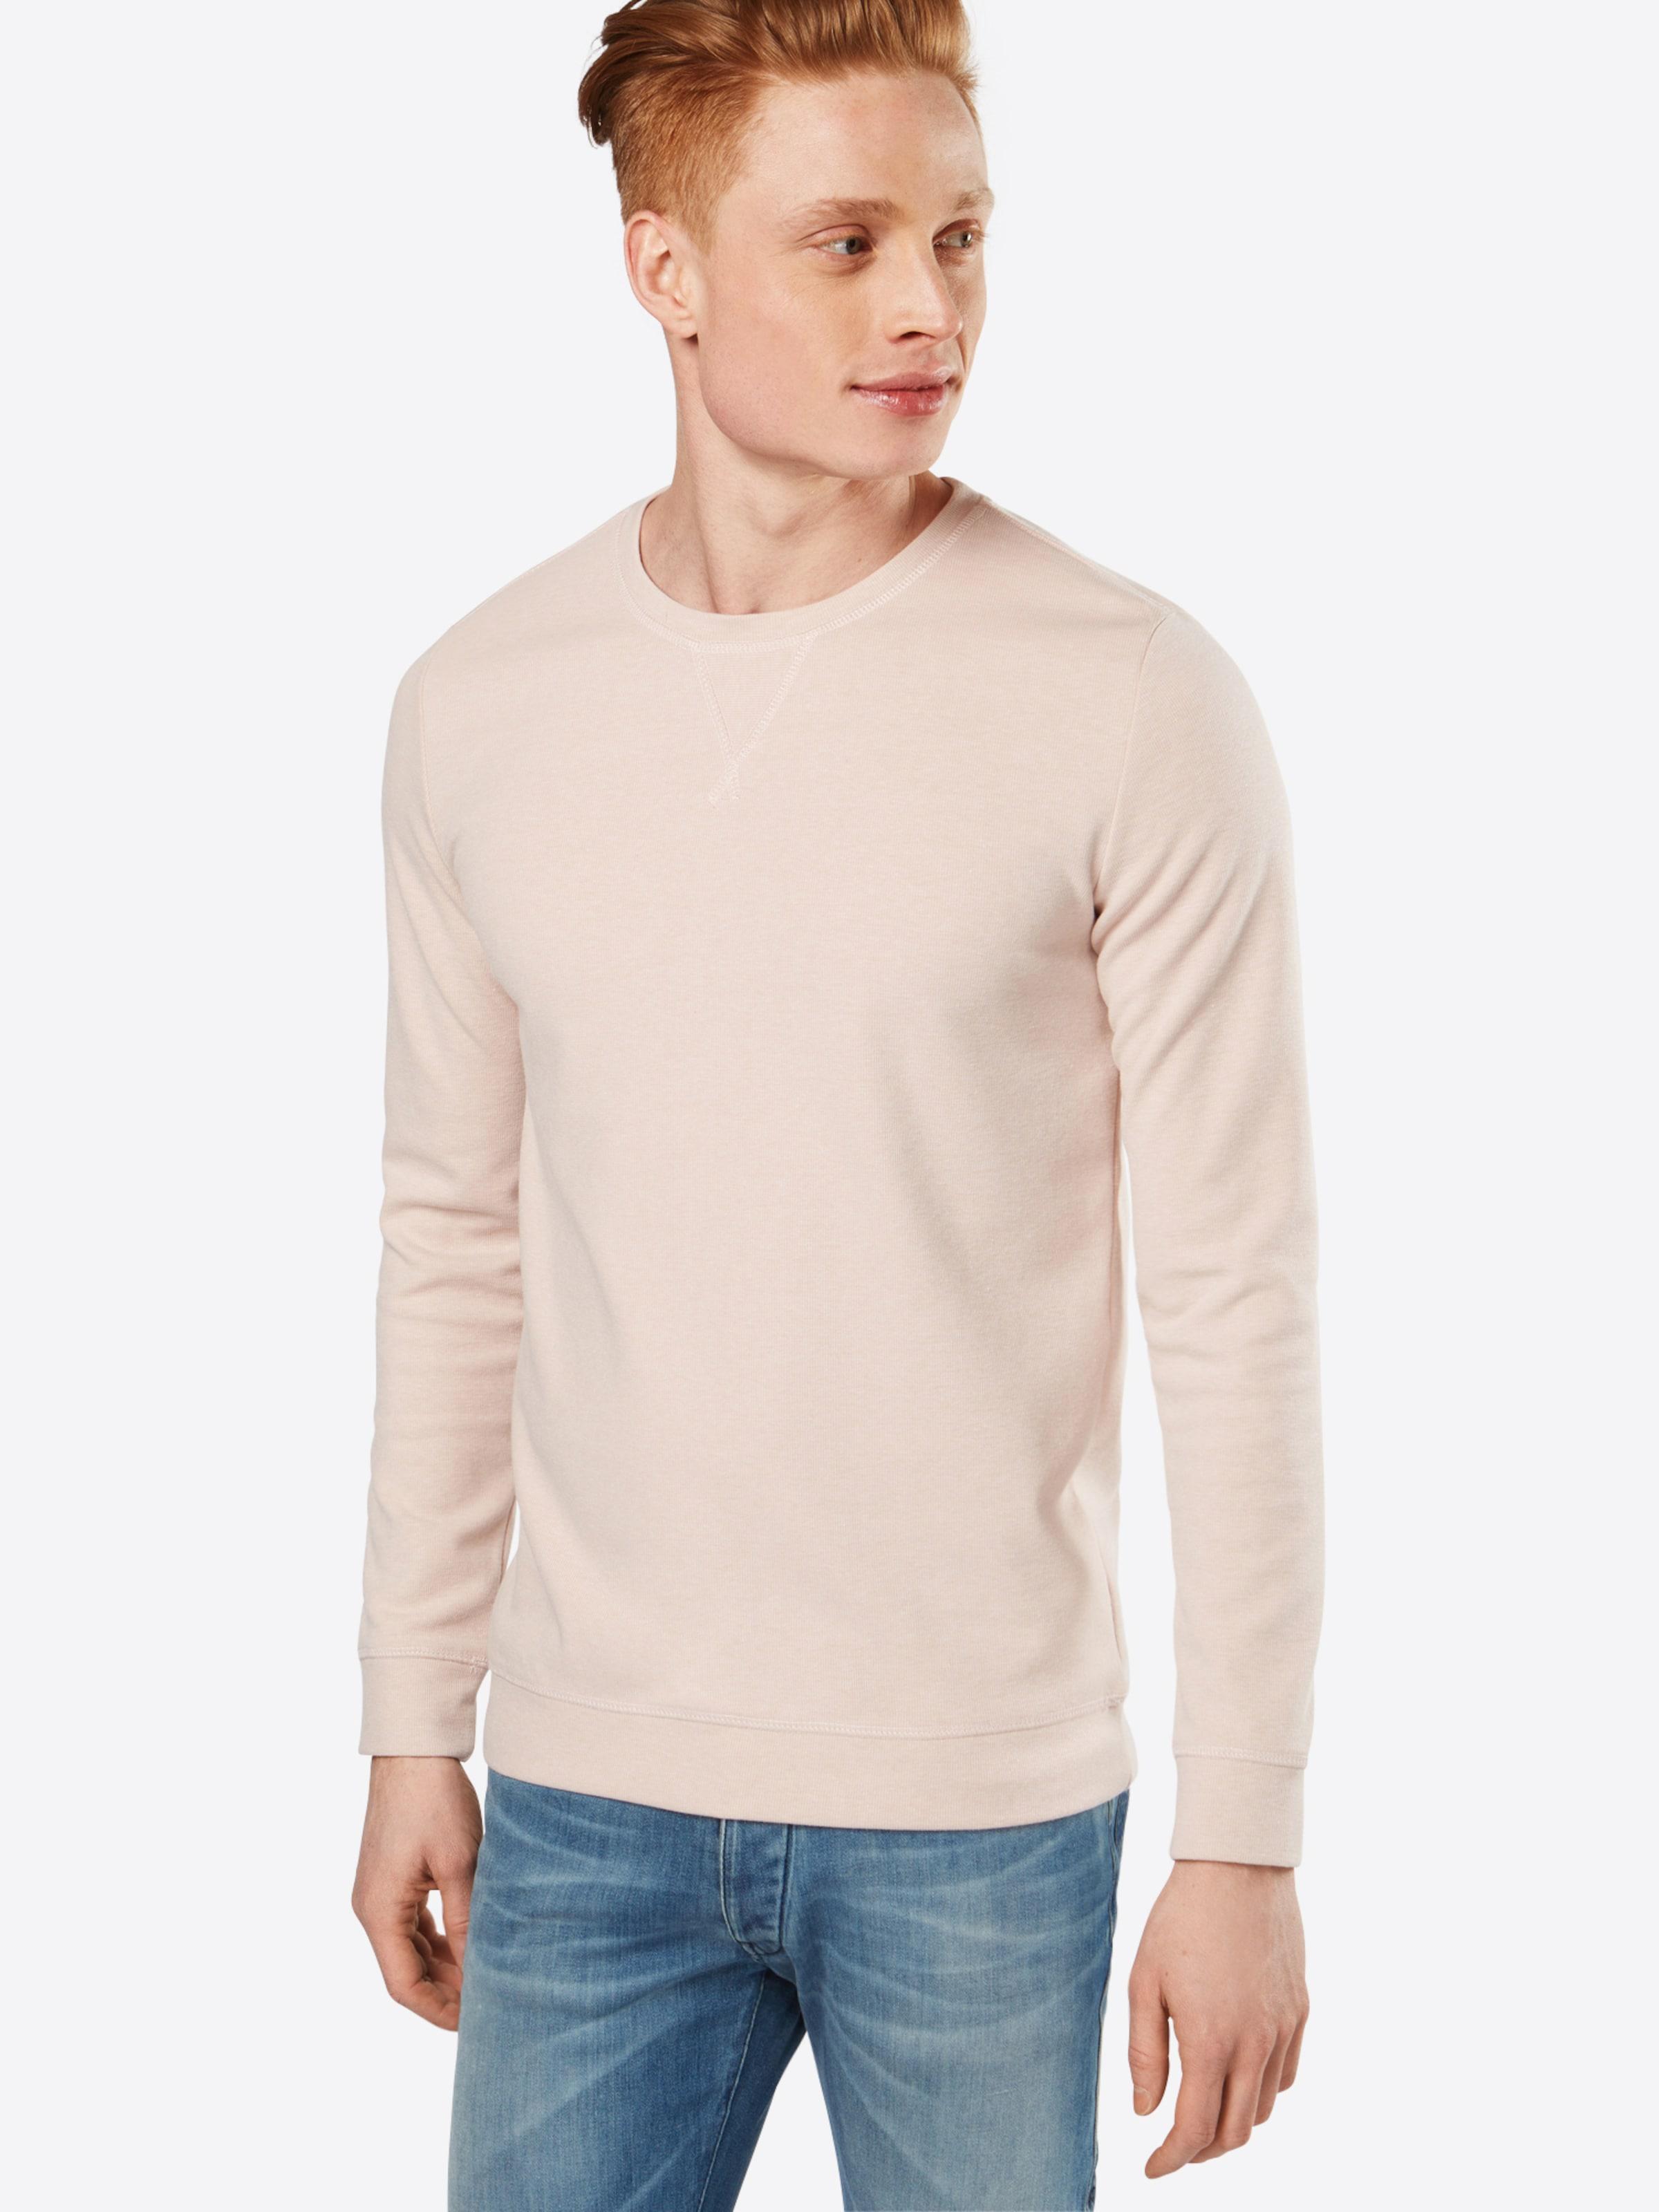 minimum Pullover 'boyton sweatshirt' Große Überraschung Verkauf Online DjizH